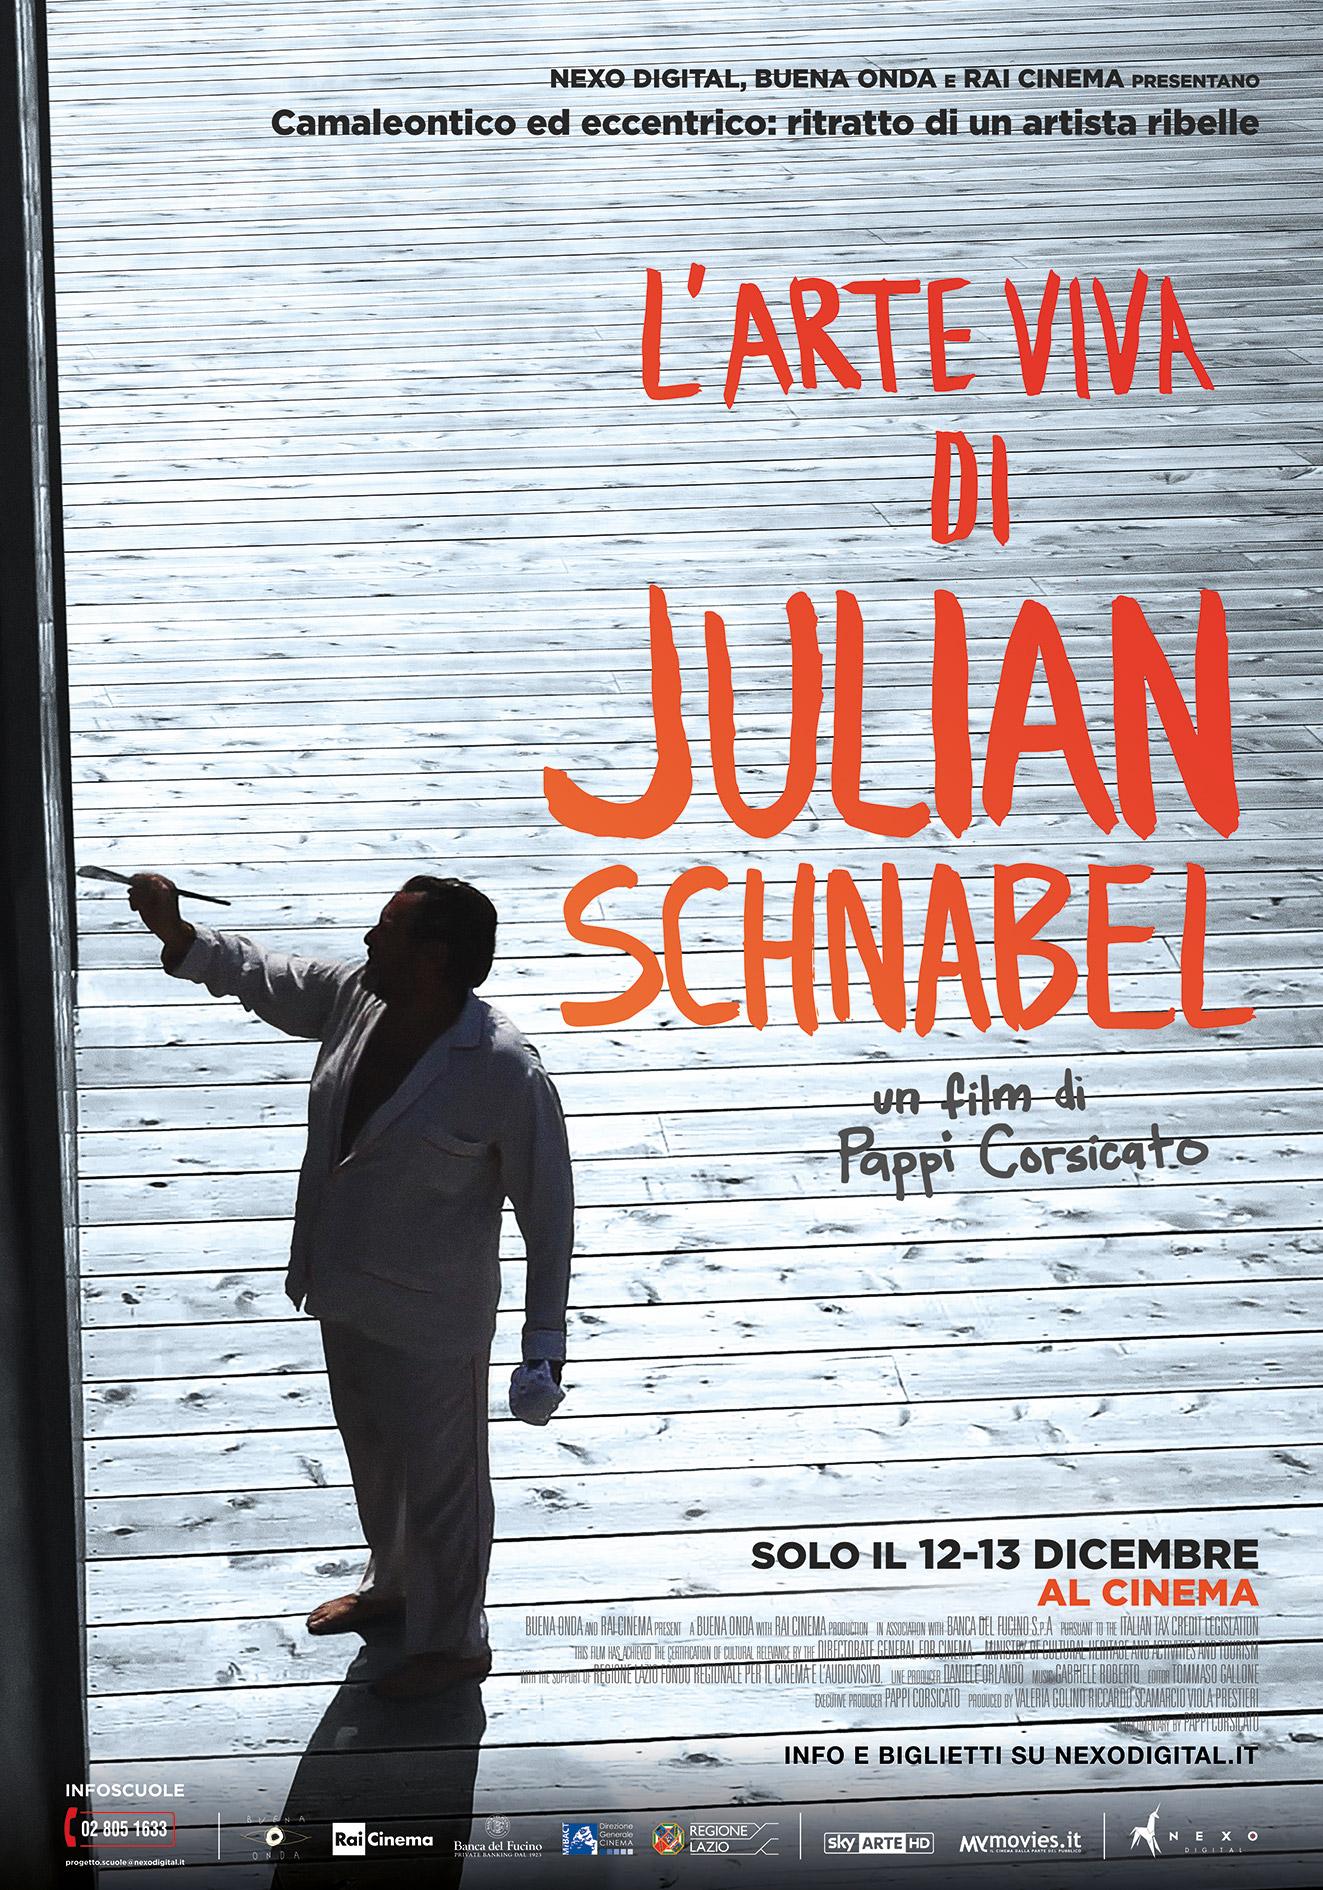 Al cinema L'arte viva di Julian Schnabel: camaleontico ed eccentrico